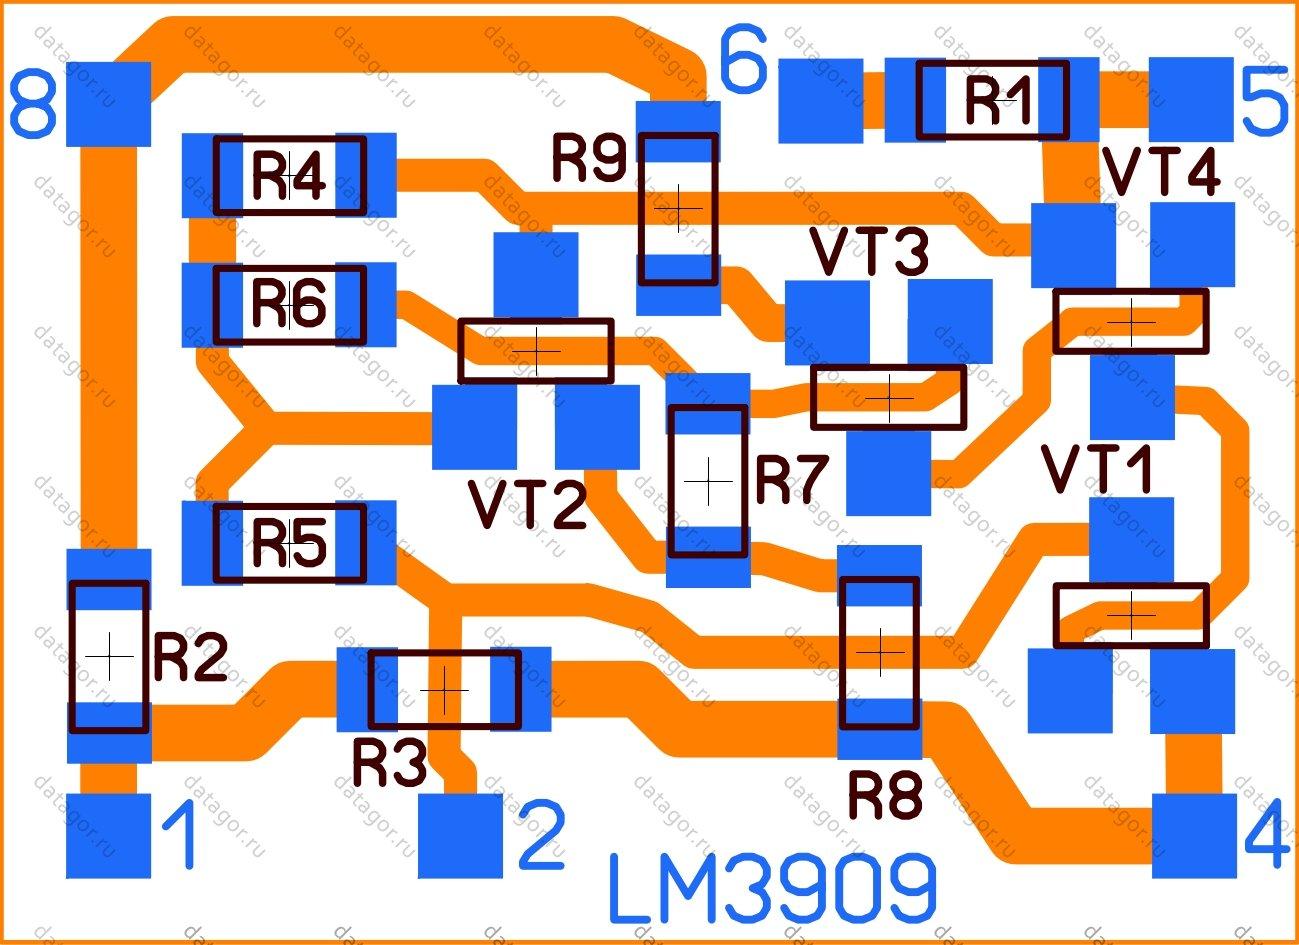 h простые схемы радиолюбителя